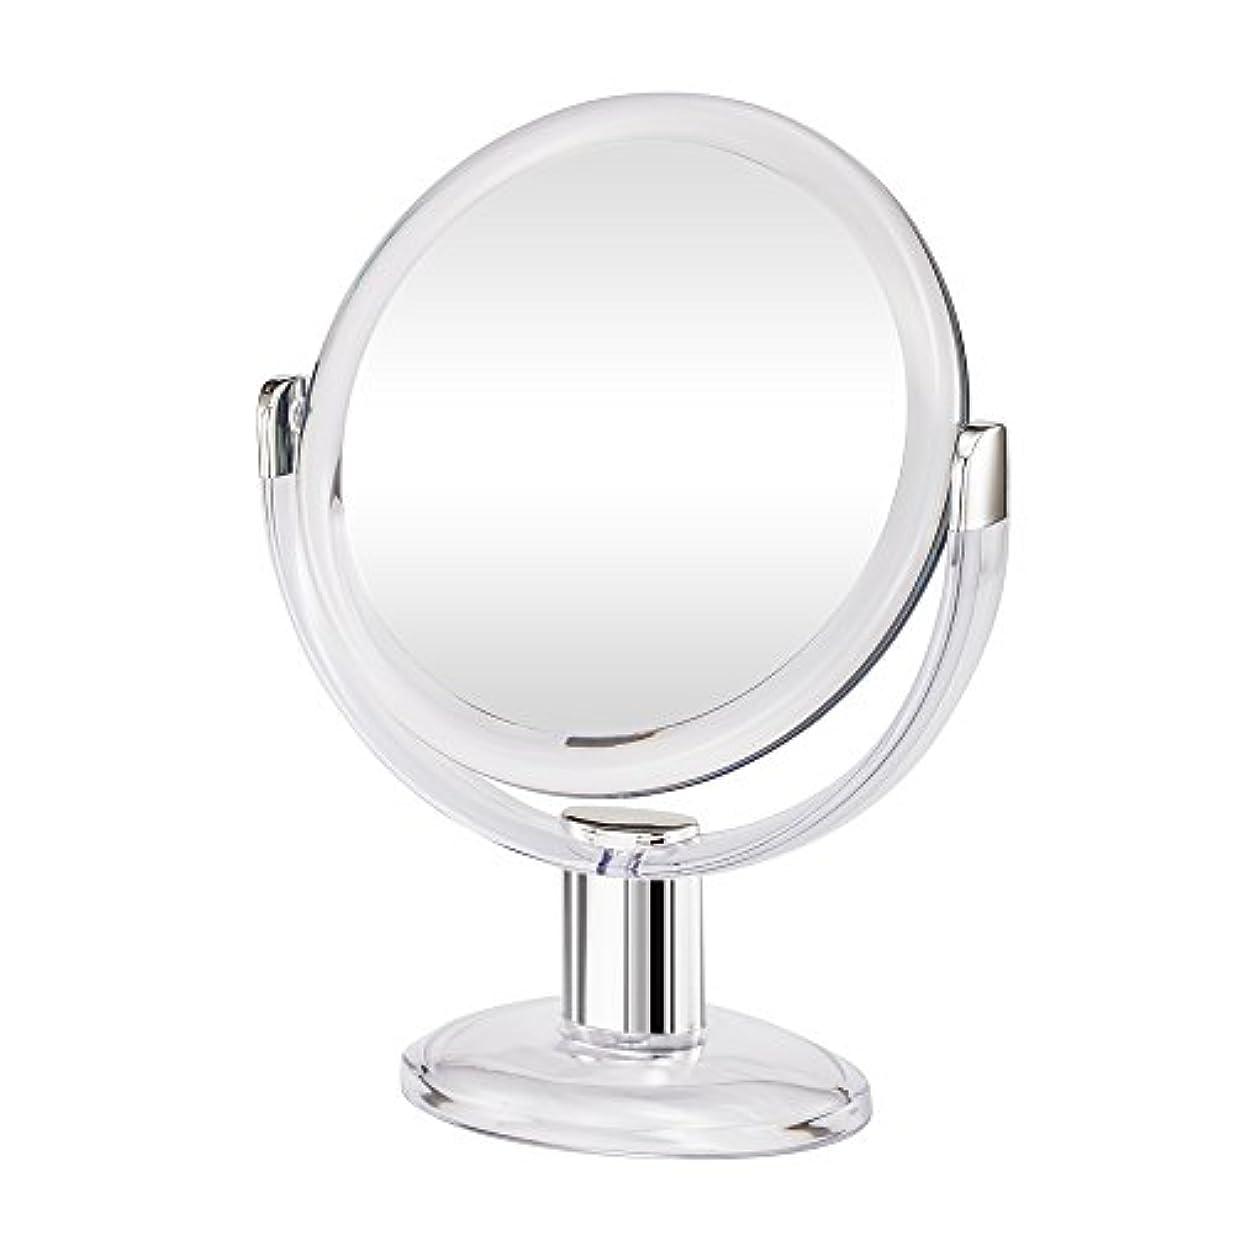 原因お嬢食用Gotofine両面拡大鏡、360度回転1倍と10倍倍率 - クリアと透明